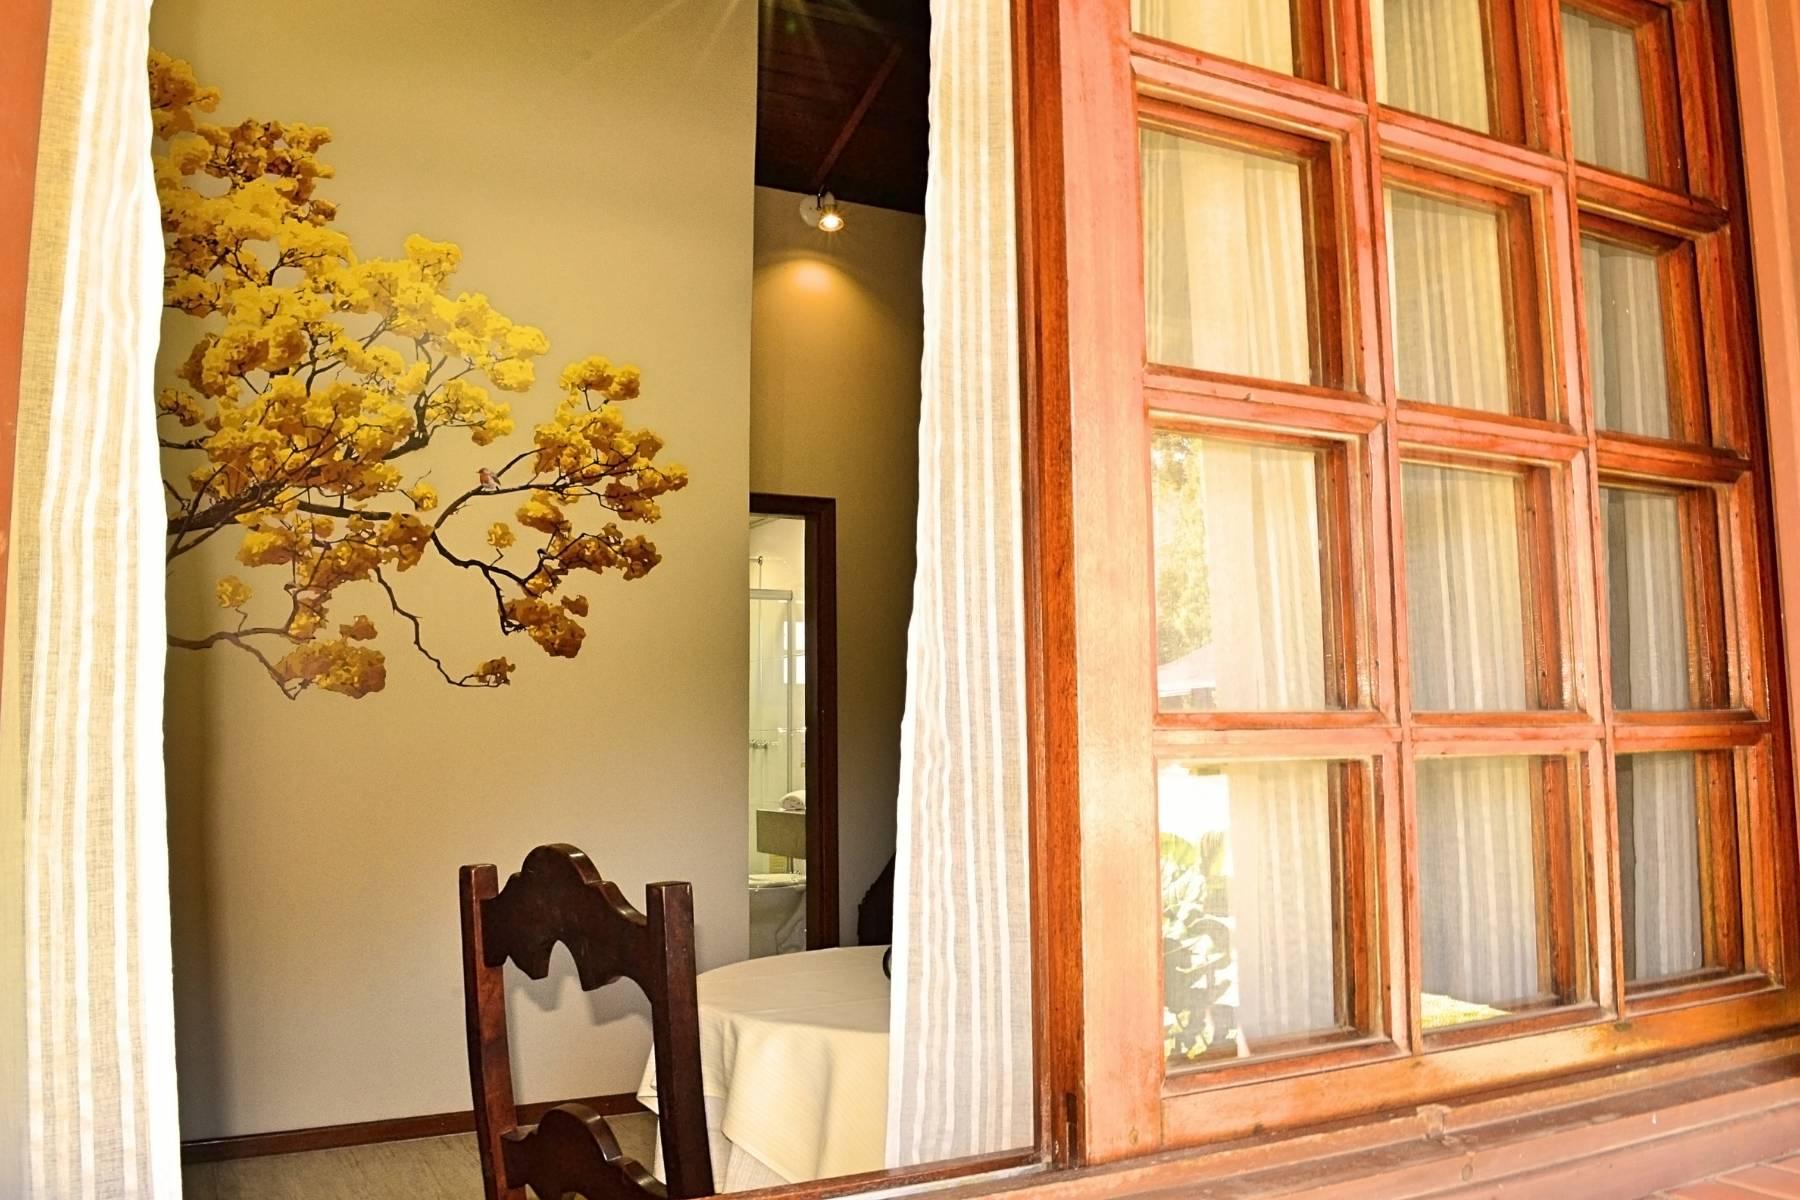 Bangalô Ipê - Acomodações do Hotel Bangalôs da Serra em Gramado #CurtaSuaFamilia #HotelSustentavel #TurismoVerde #TravelersChoice #EcoLider #Gramado #SerraGaucha